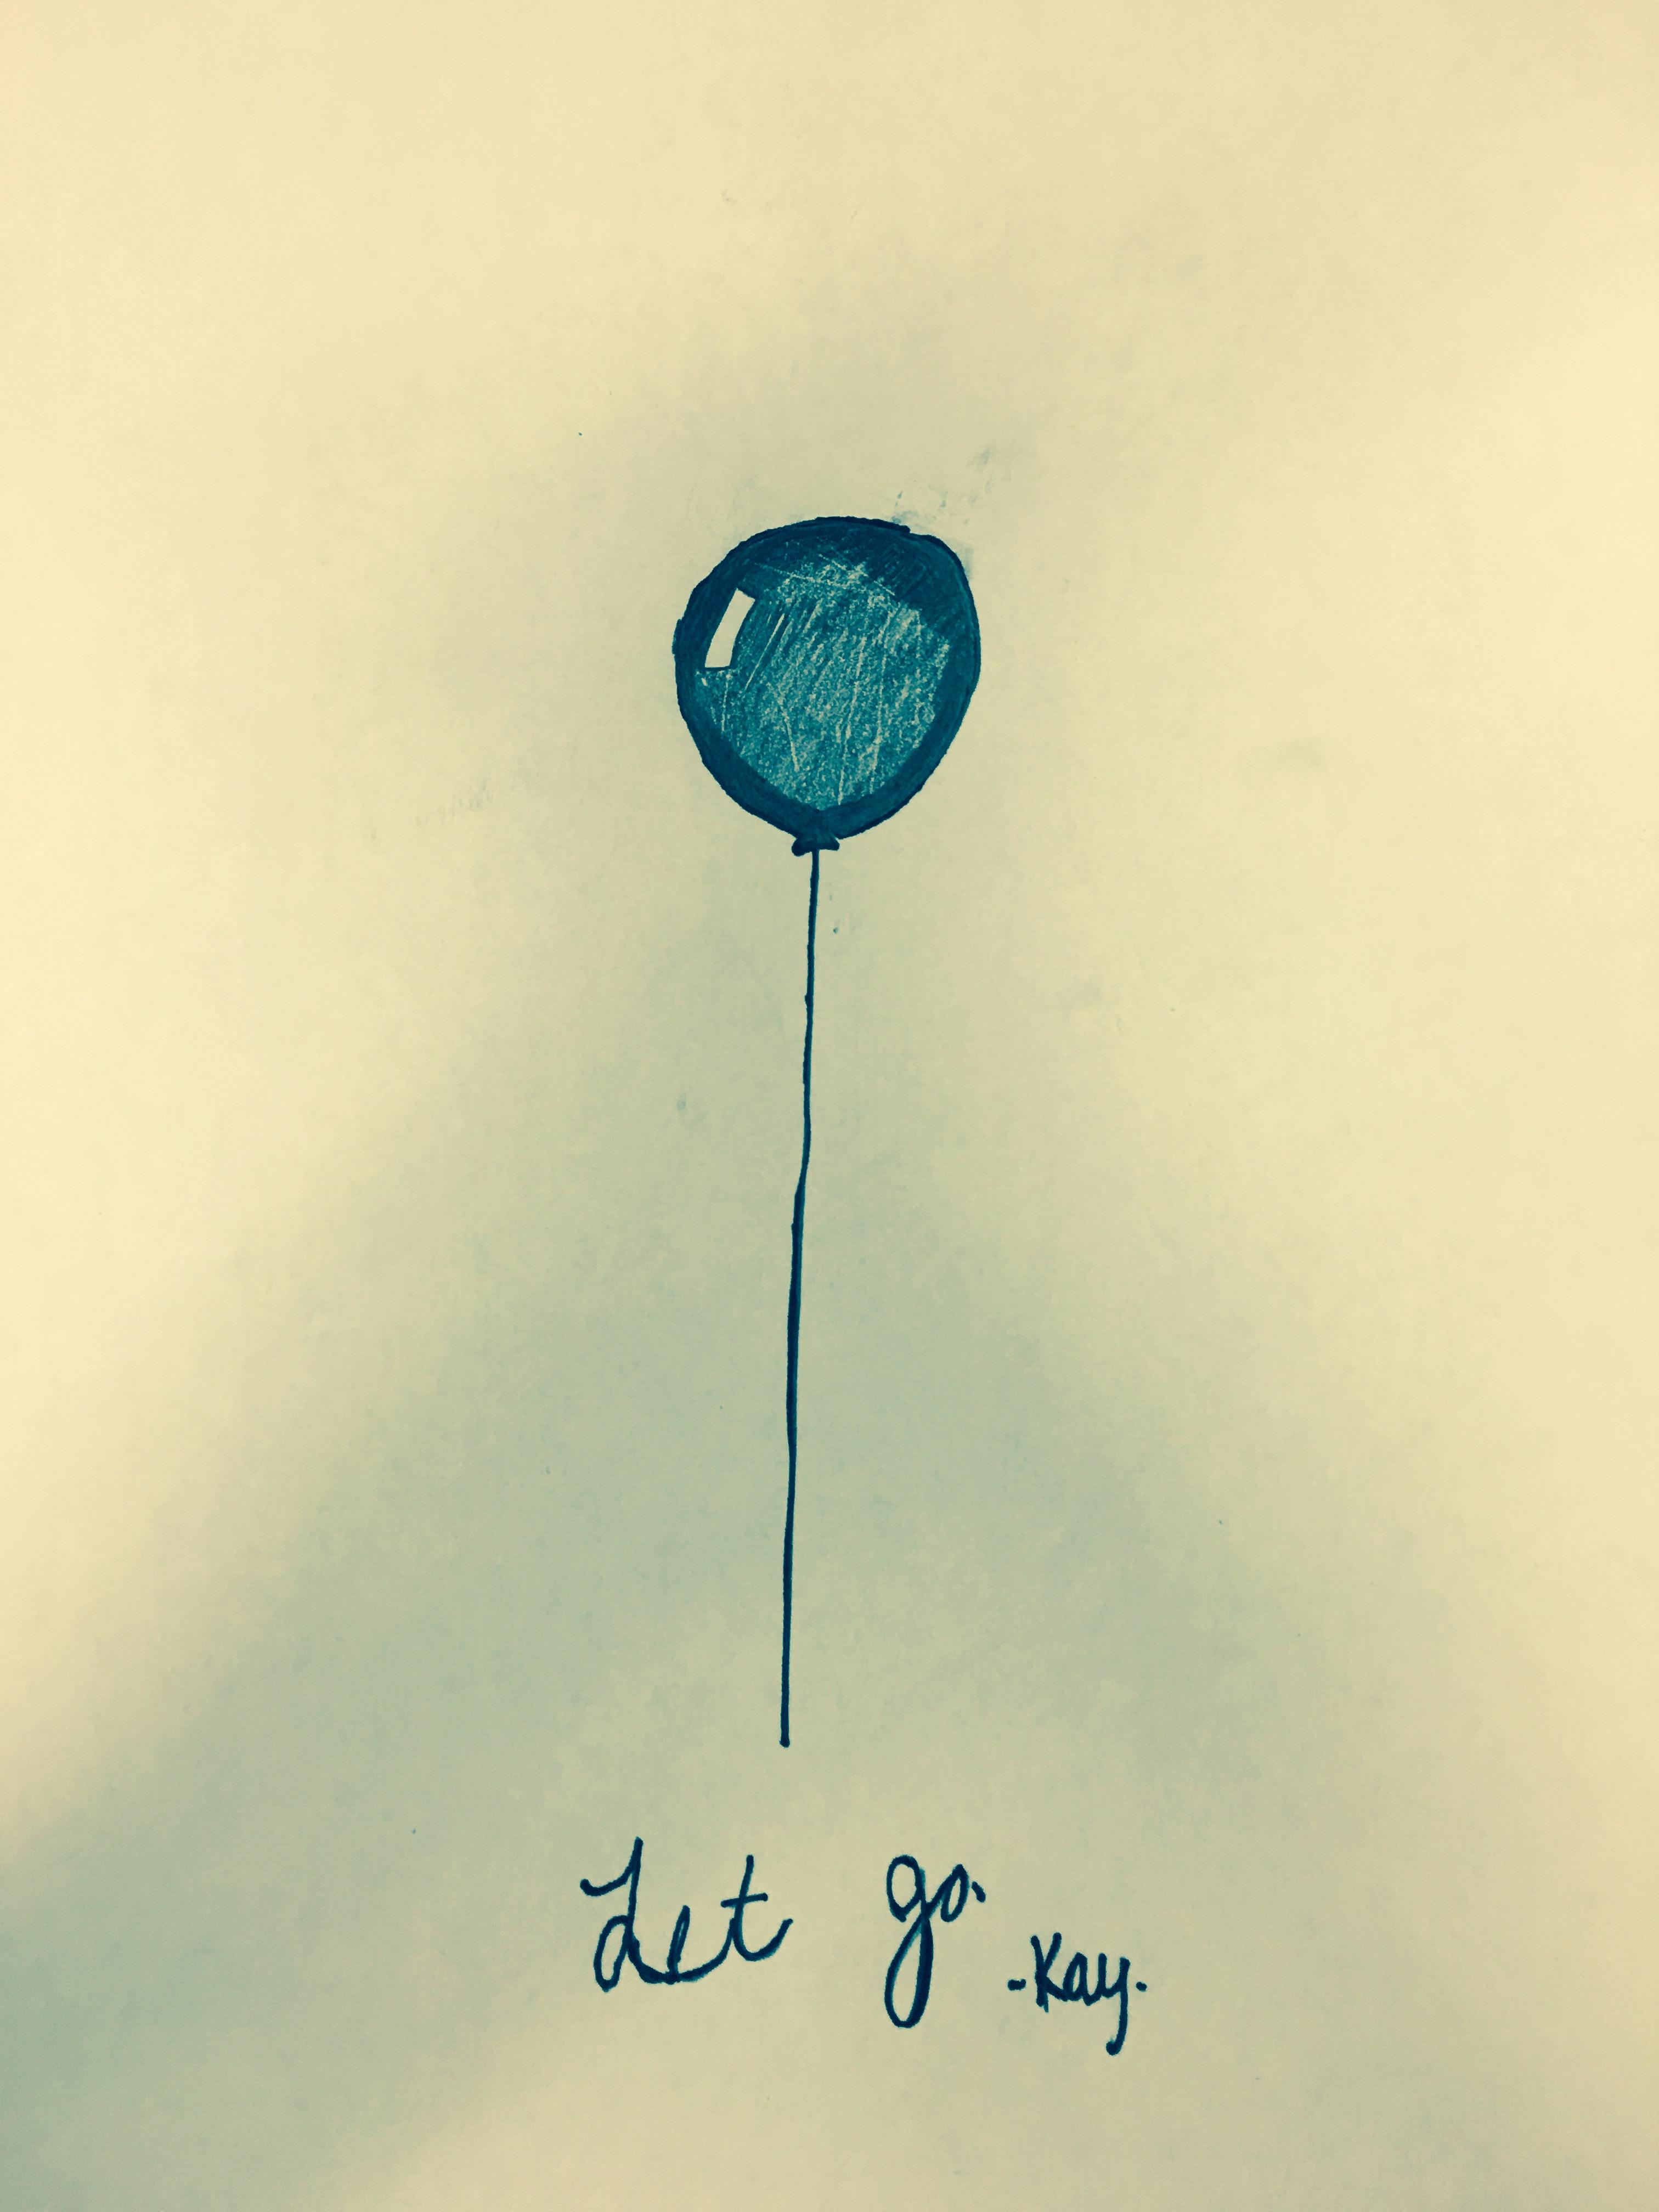 A Balloon.